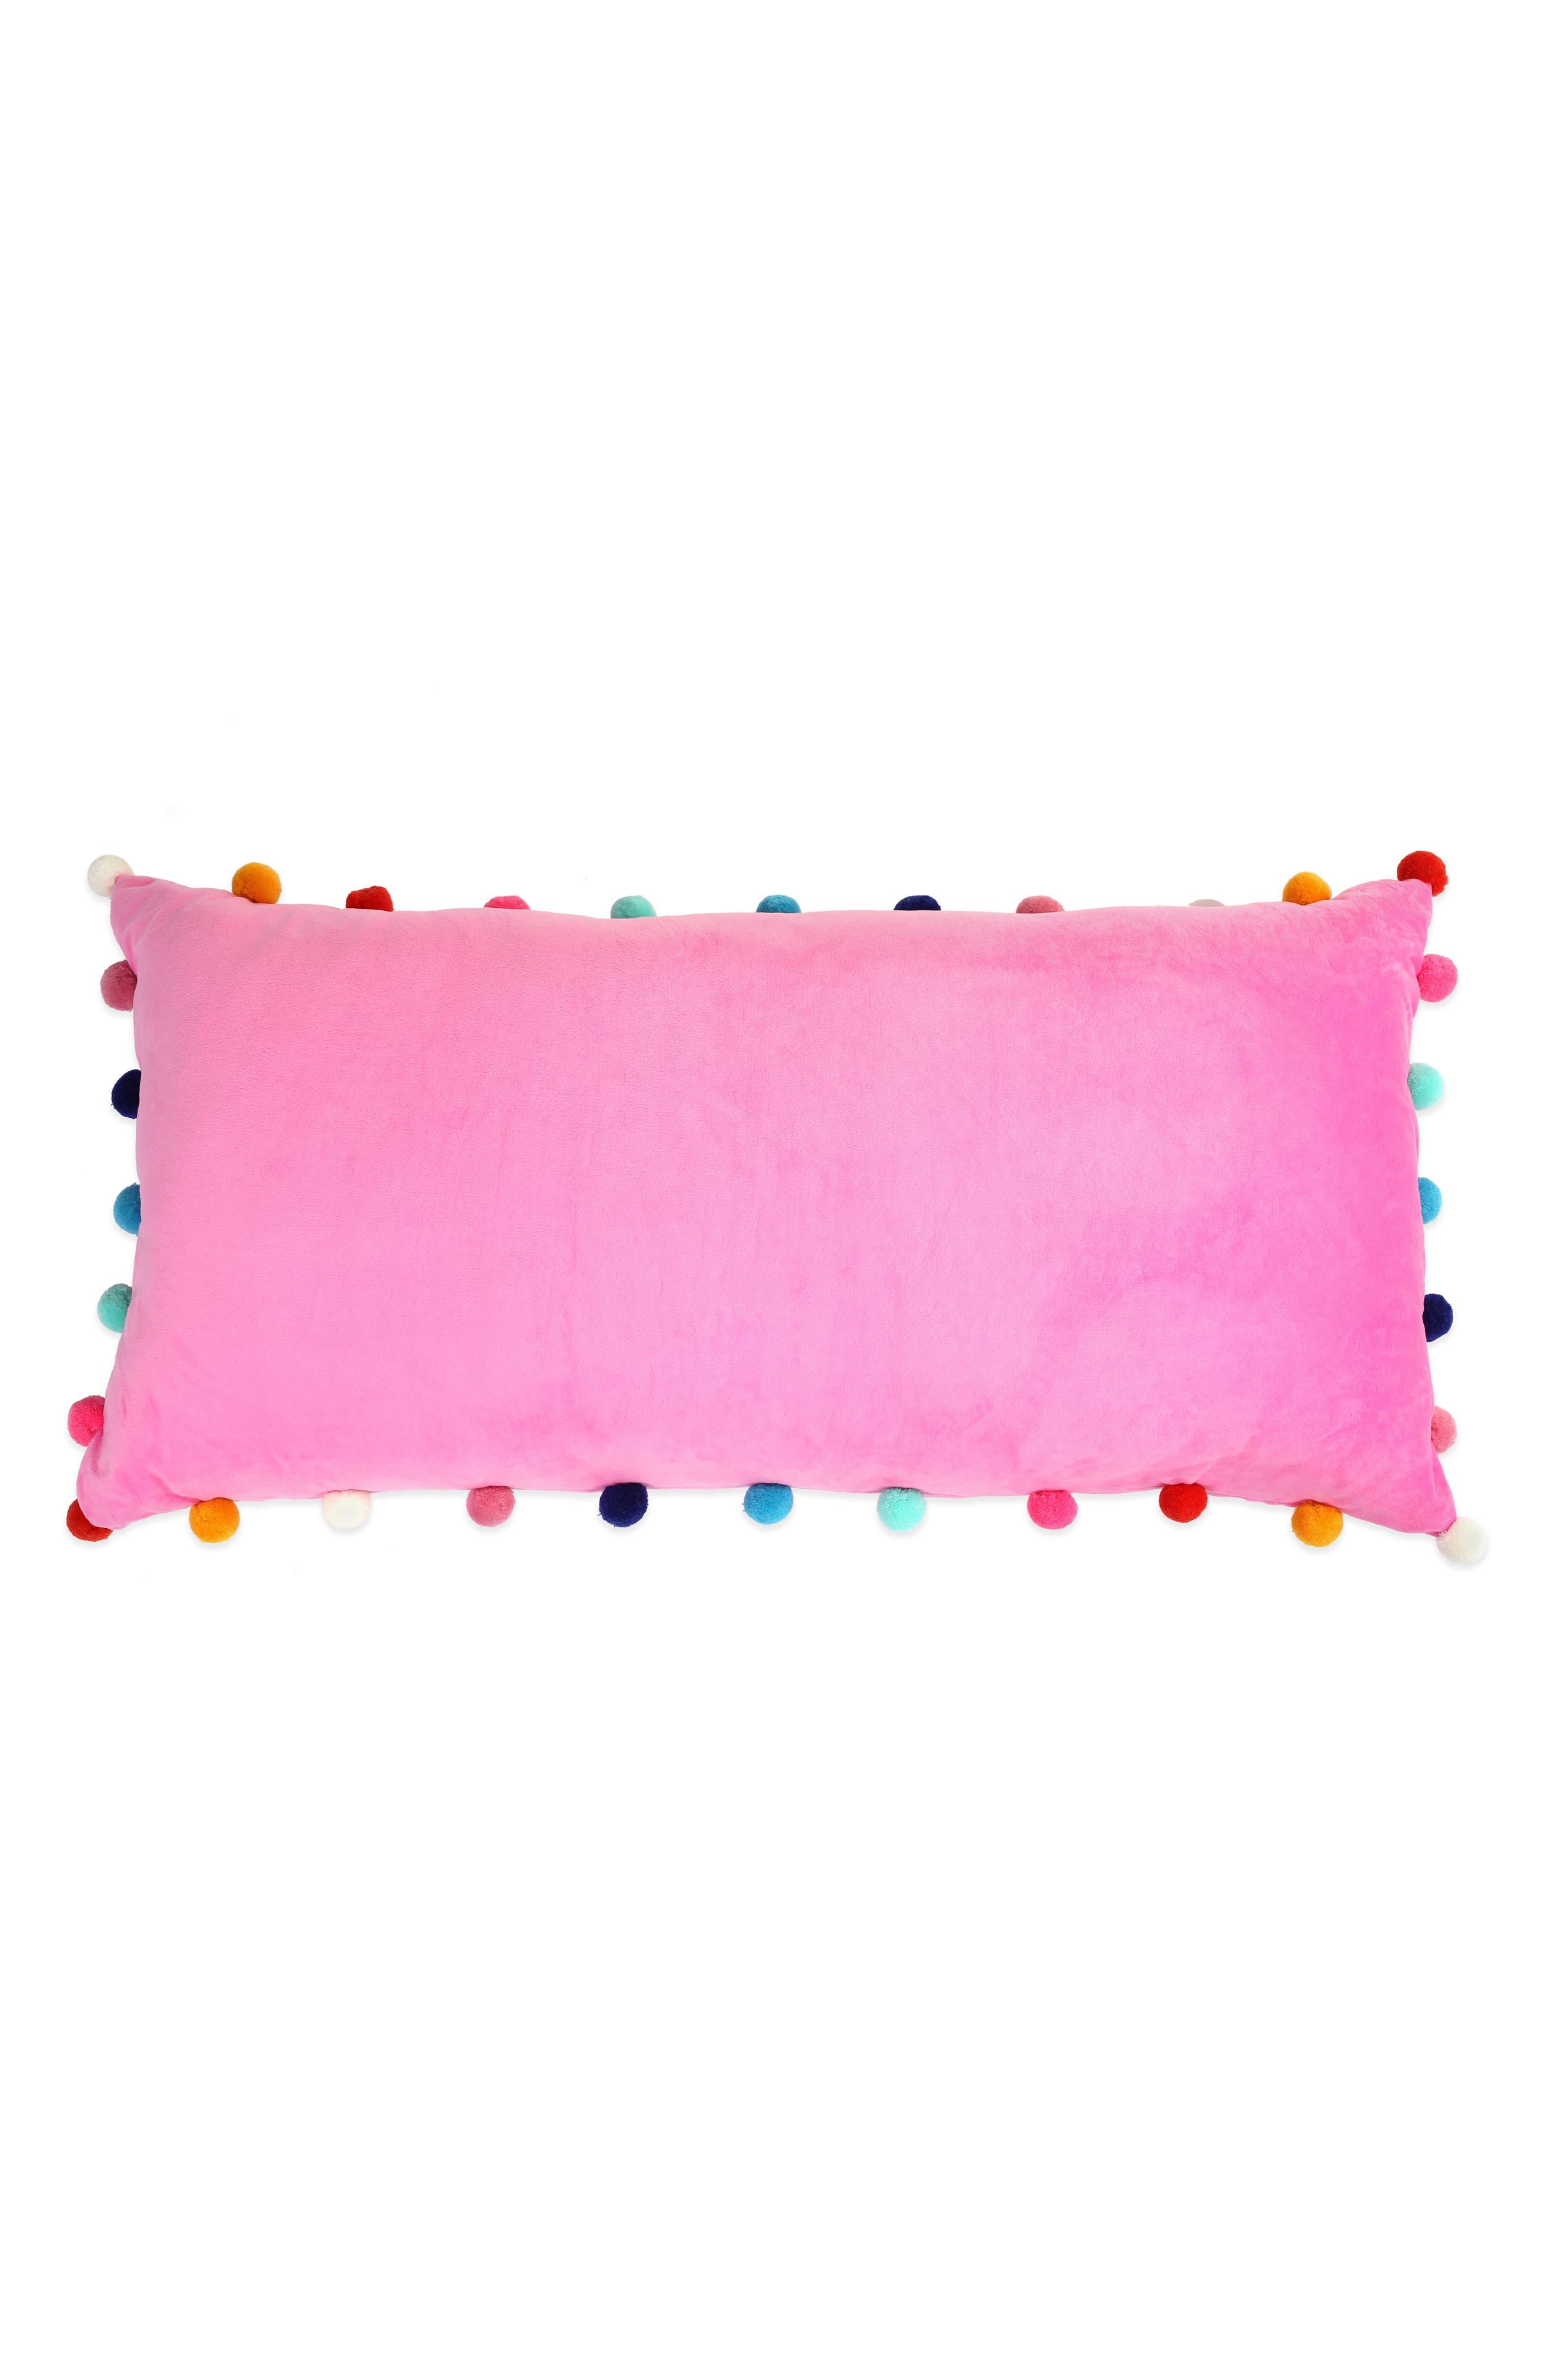 CAPELLI NEW YORK, Pompom Plush Pillow, Main thumbnail 1, color, 659